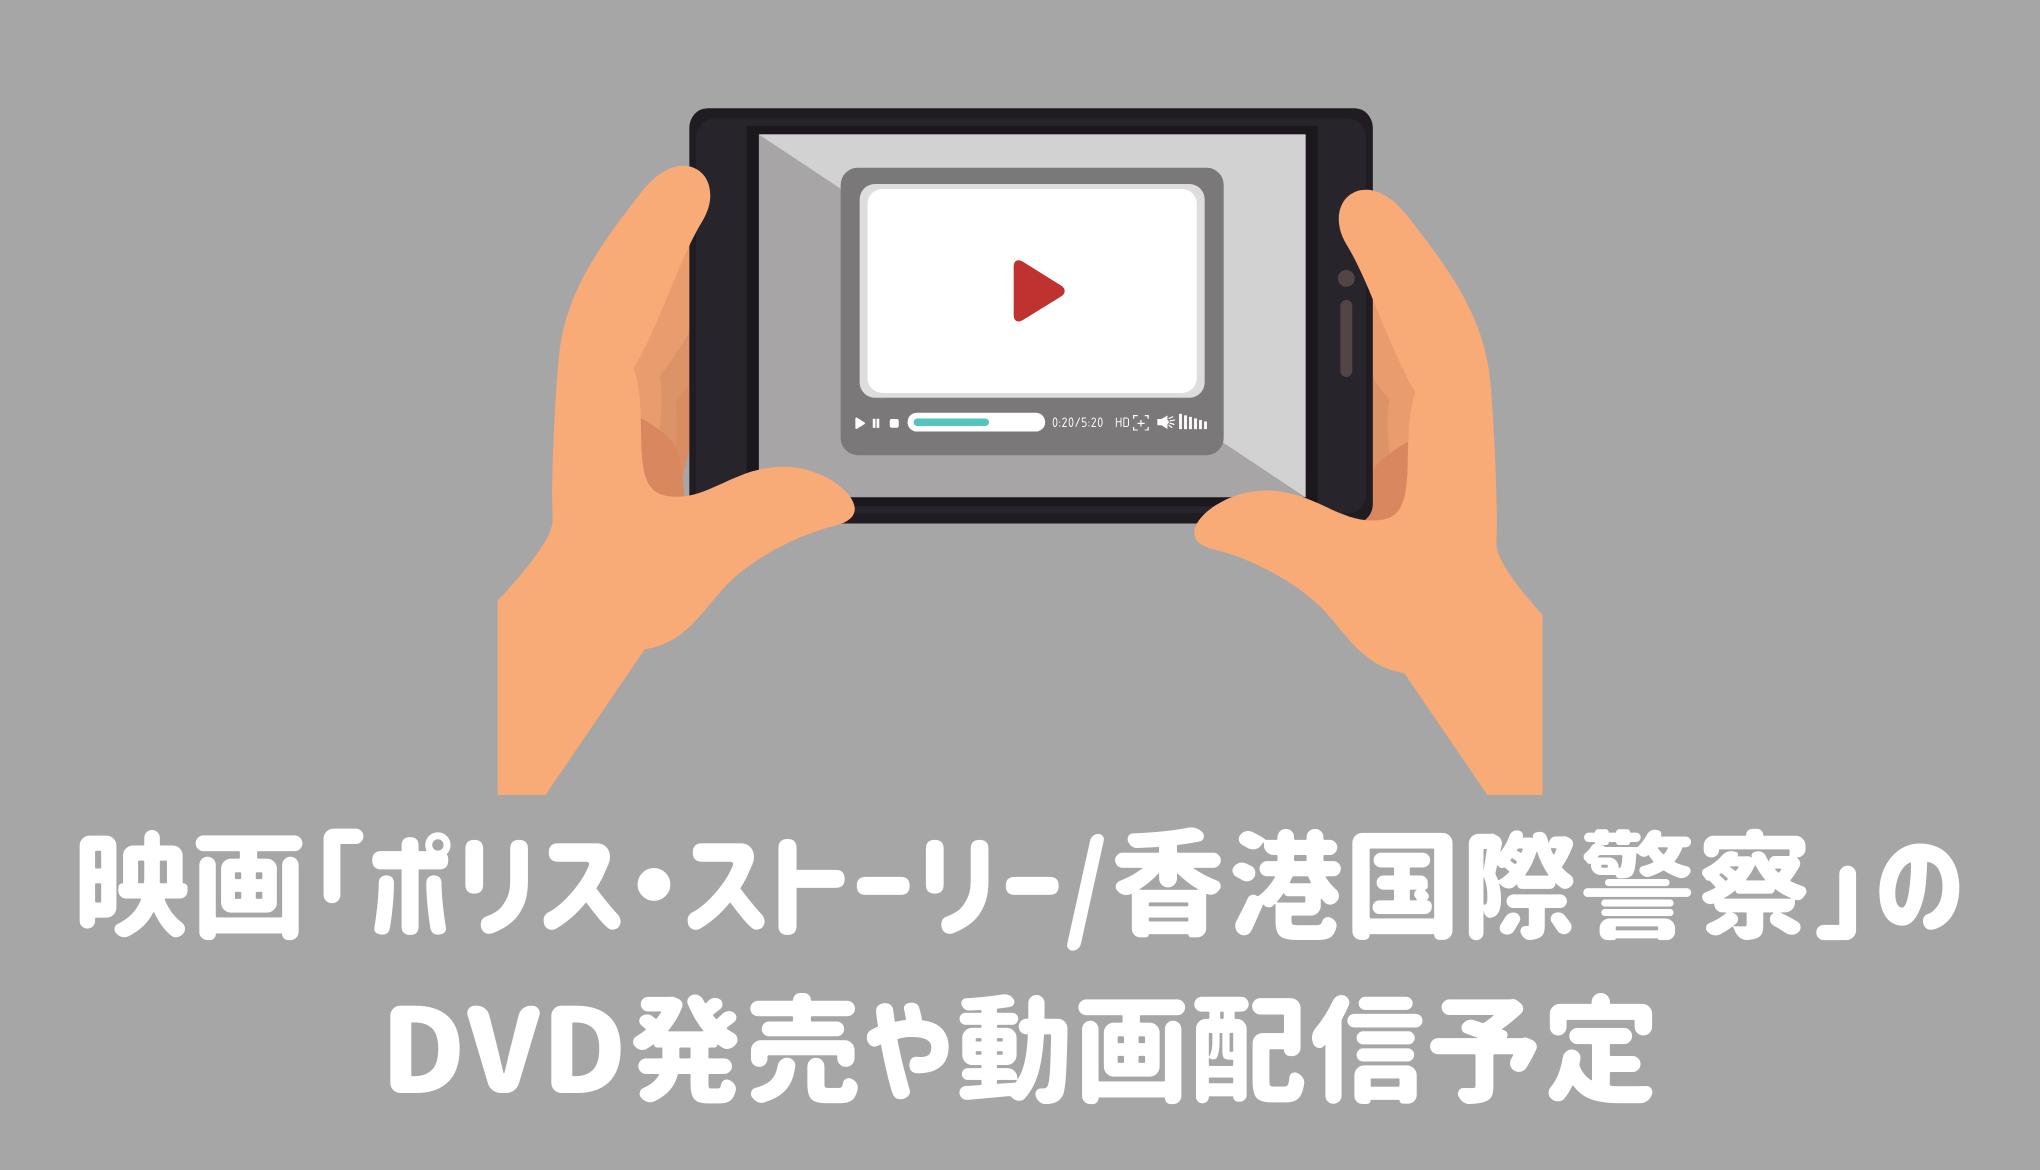 映画「ポリス・ストーリー/香港国際警察」のDVD発売や動画配信をチェック